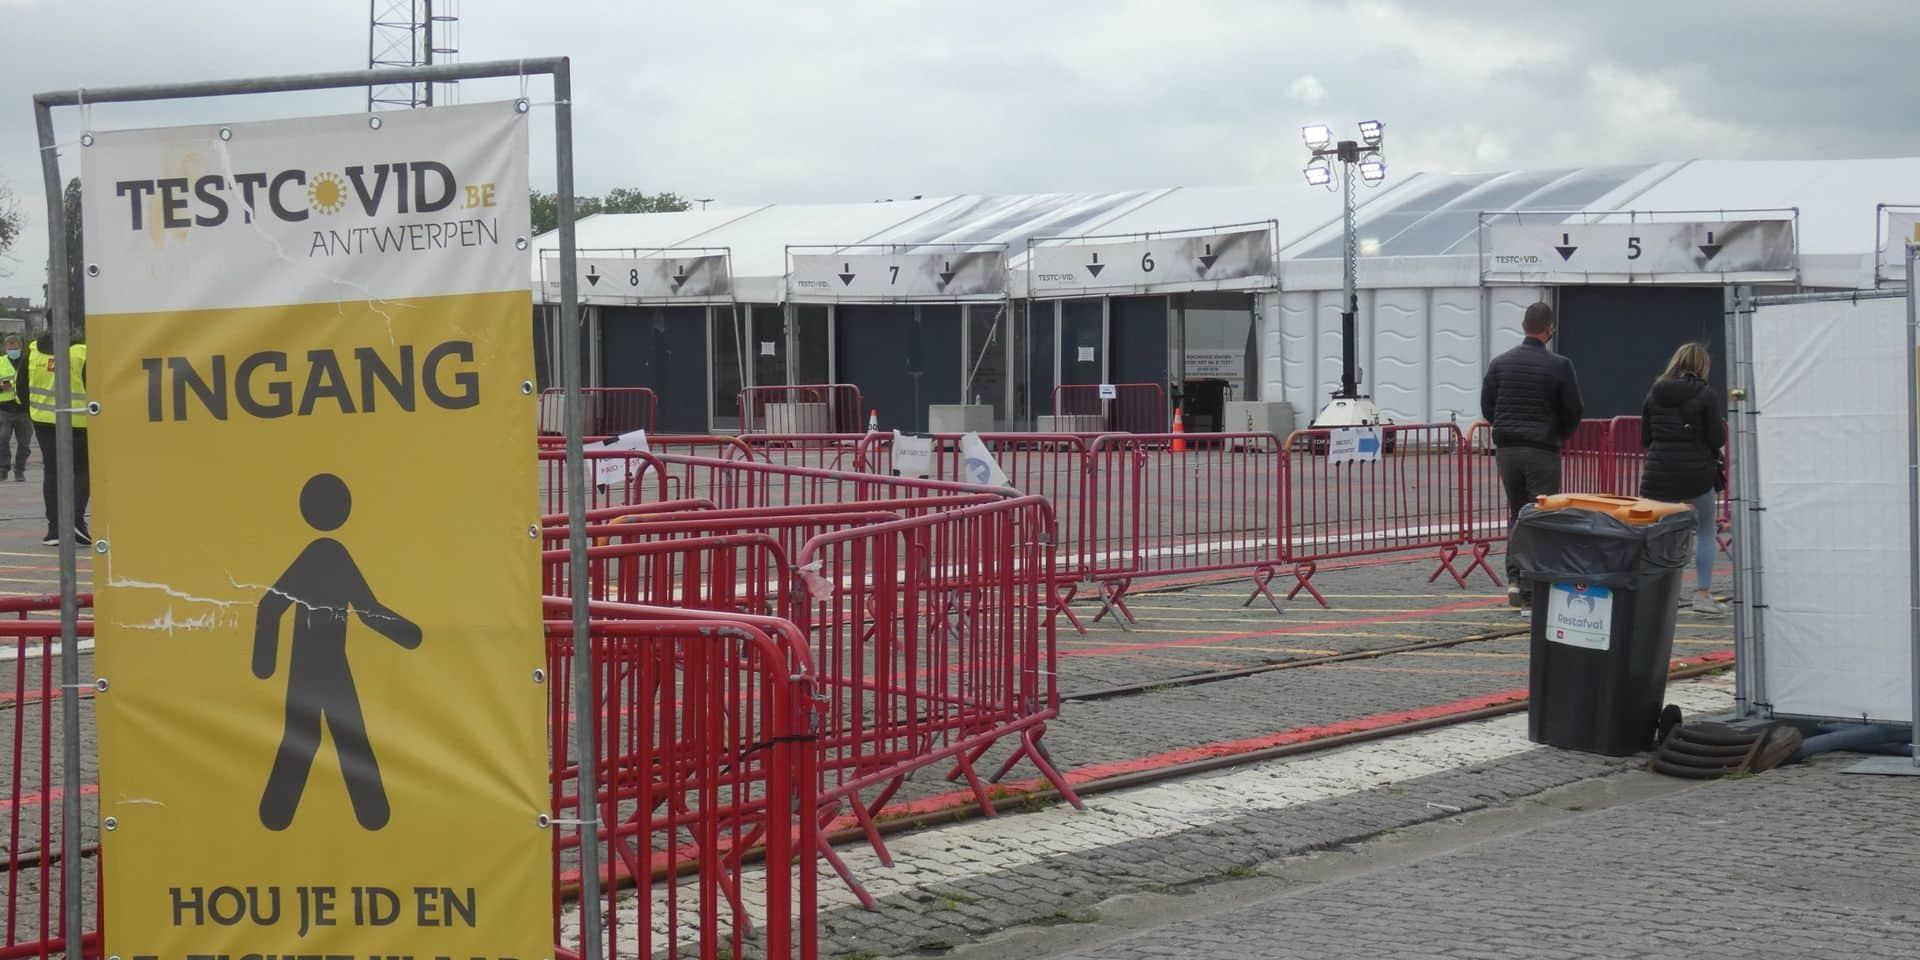 Plusieurs centaines d'habitants vaccinés durant la nuit à Anvers: que s'est-il passé?